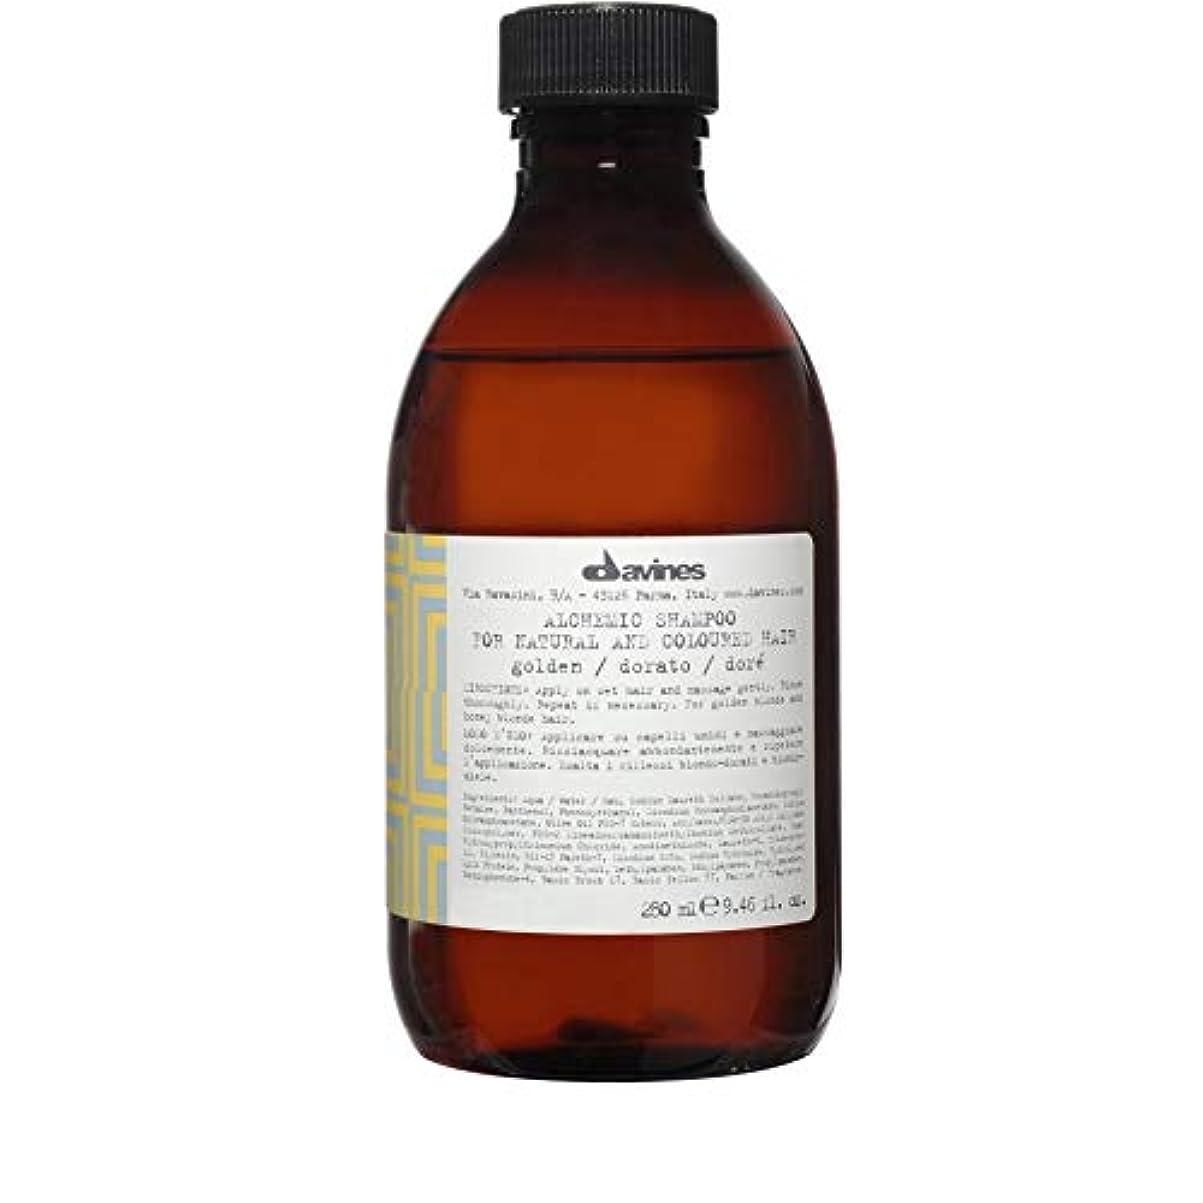 潜在的な閉じ込める市民[Davines ] ダヴィネス錬金術シャンプー黄金の250ミリリットル - Davines Alchemic Shampoo Golden 250ml [並行輸入品]